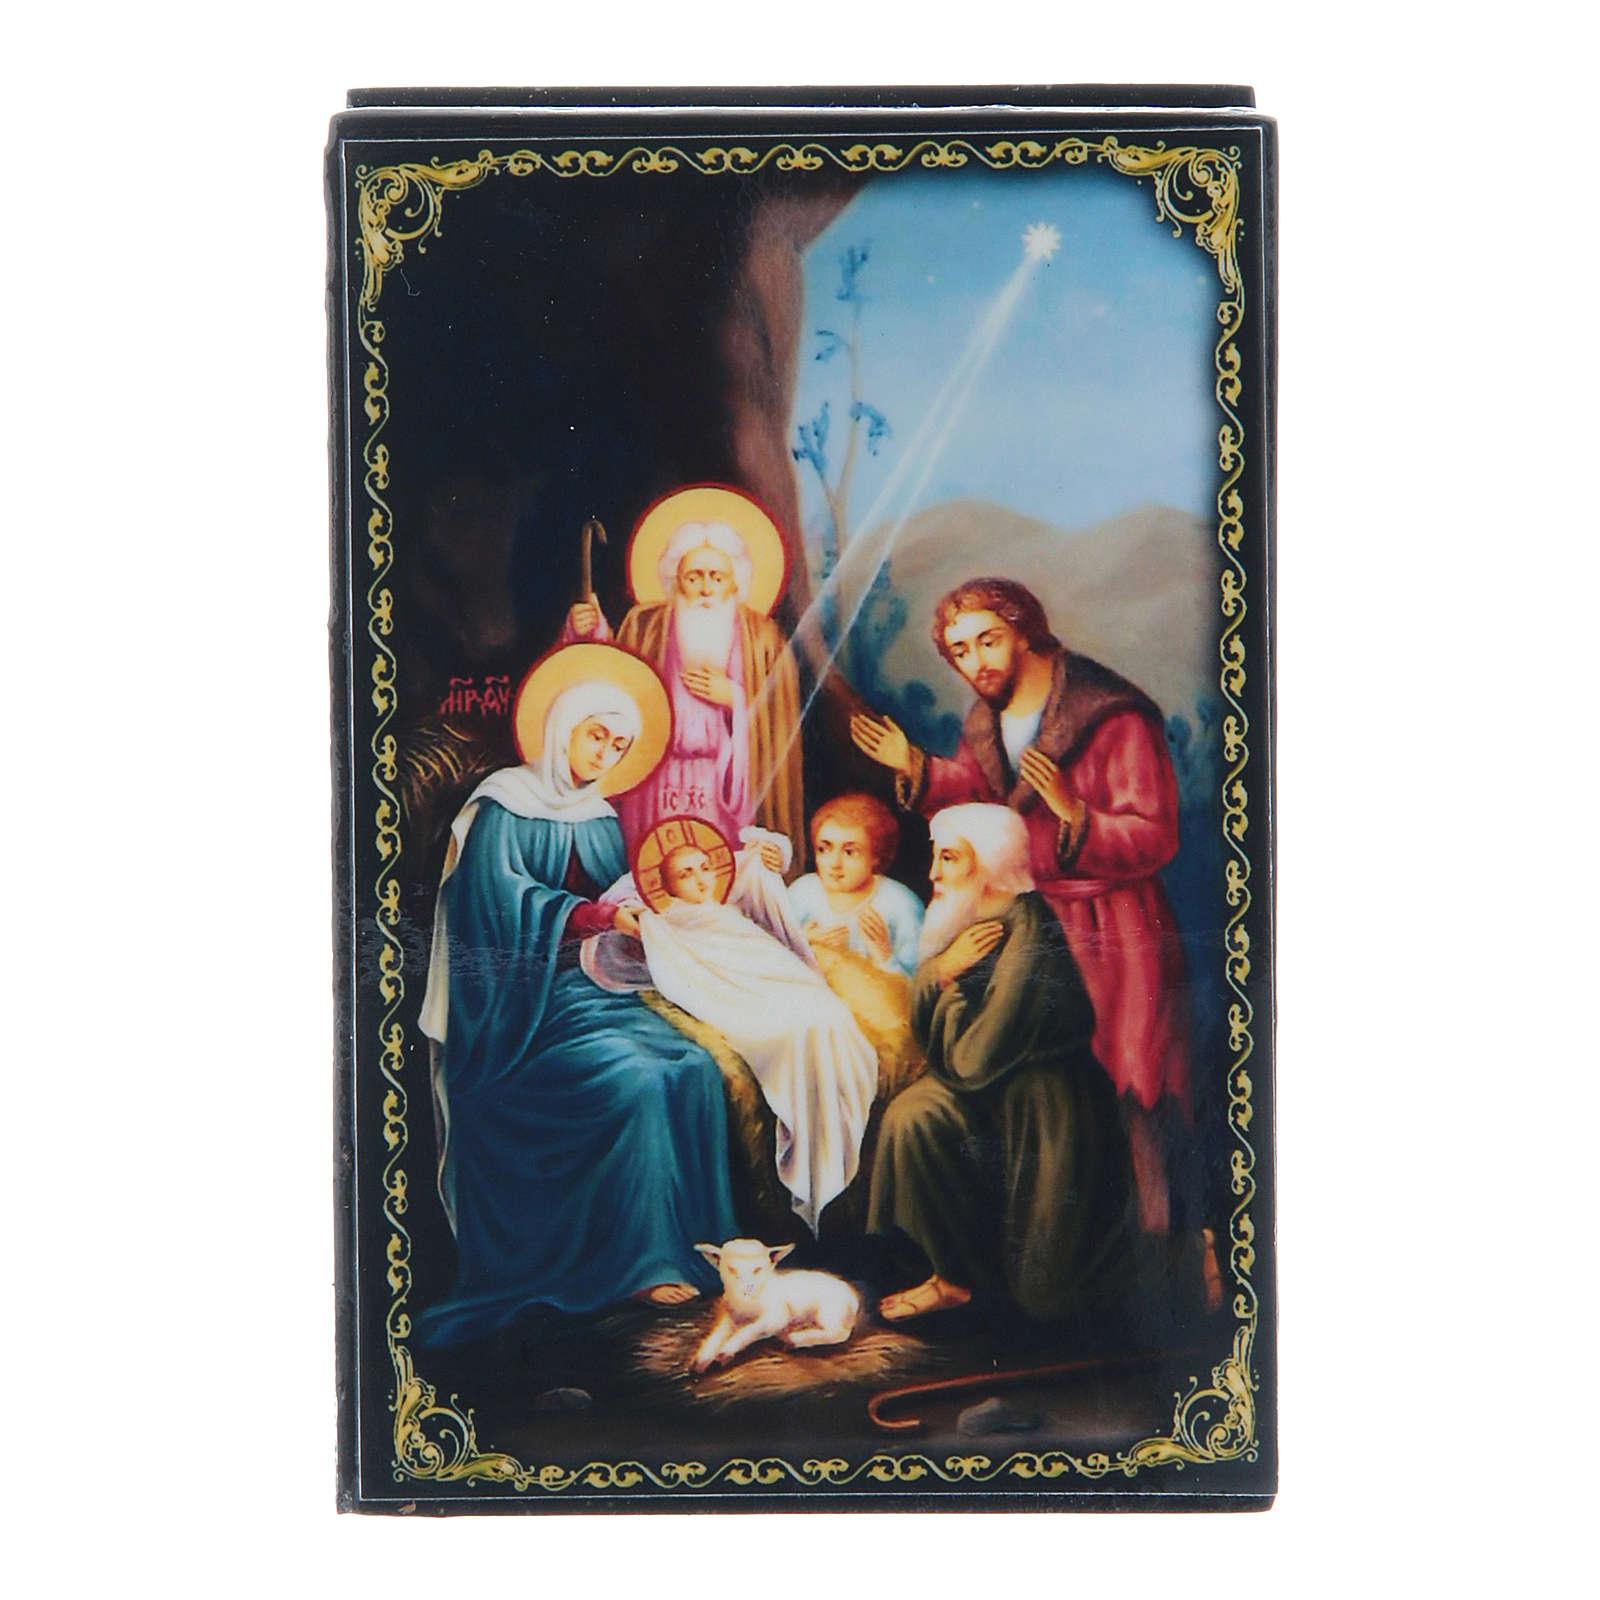 Russian lacquer box, Nativity scene 9x6 cm 4